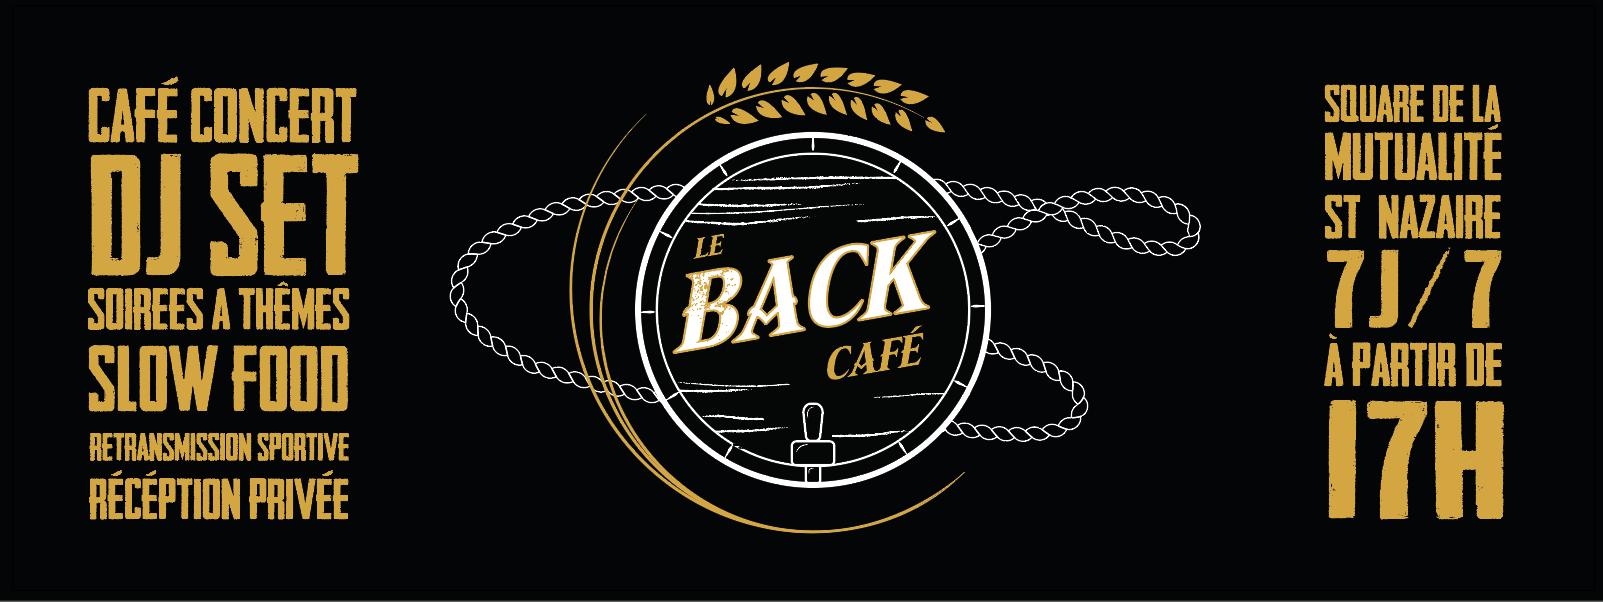 Le Back Café (dpt.44)